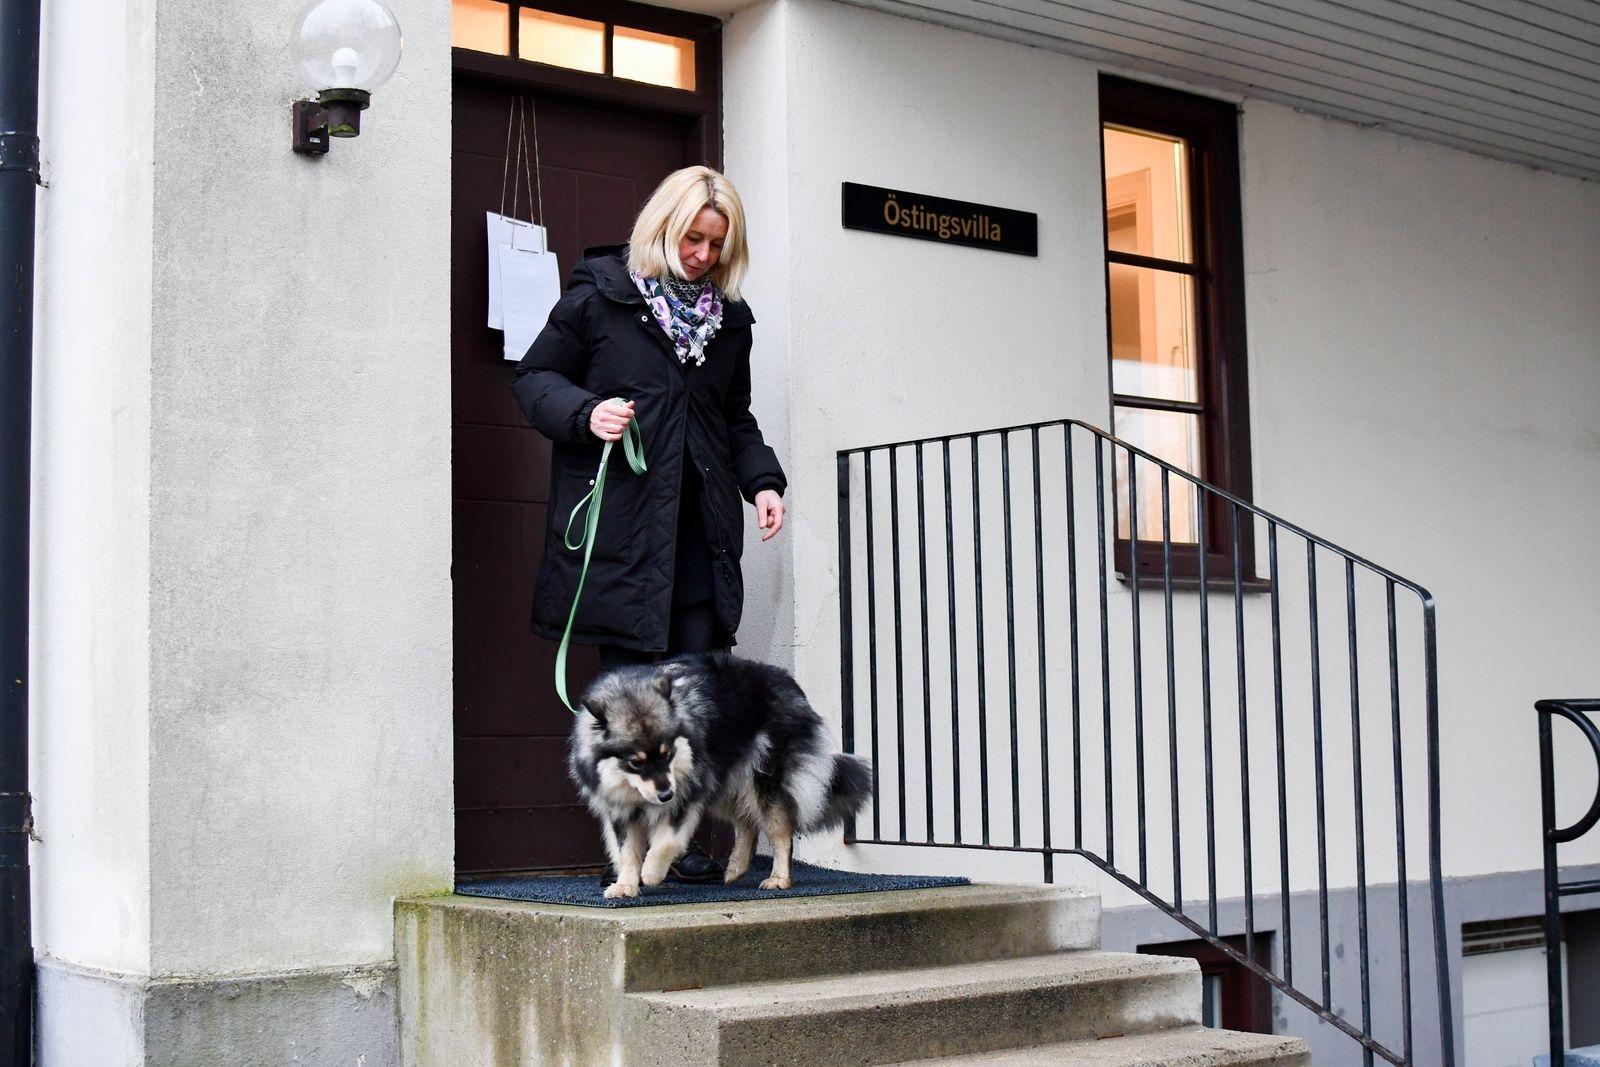 De dagar Eila är med Helena på jobbet arbetar de från kontoret i Östingsvilla, med egen ingång och lapp på dörren som tydligt talar om att här finns en hund.